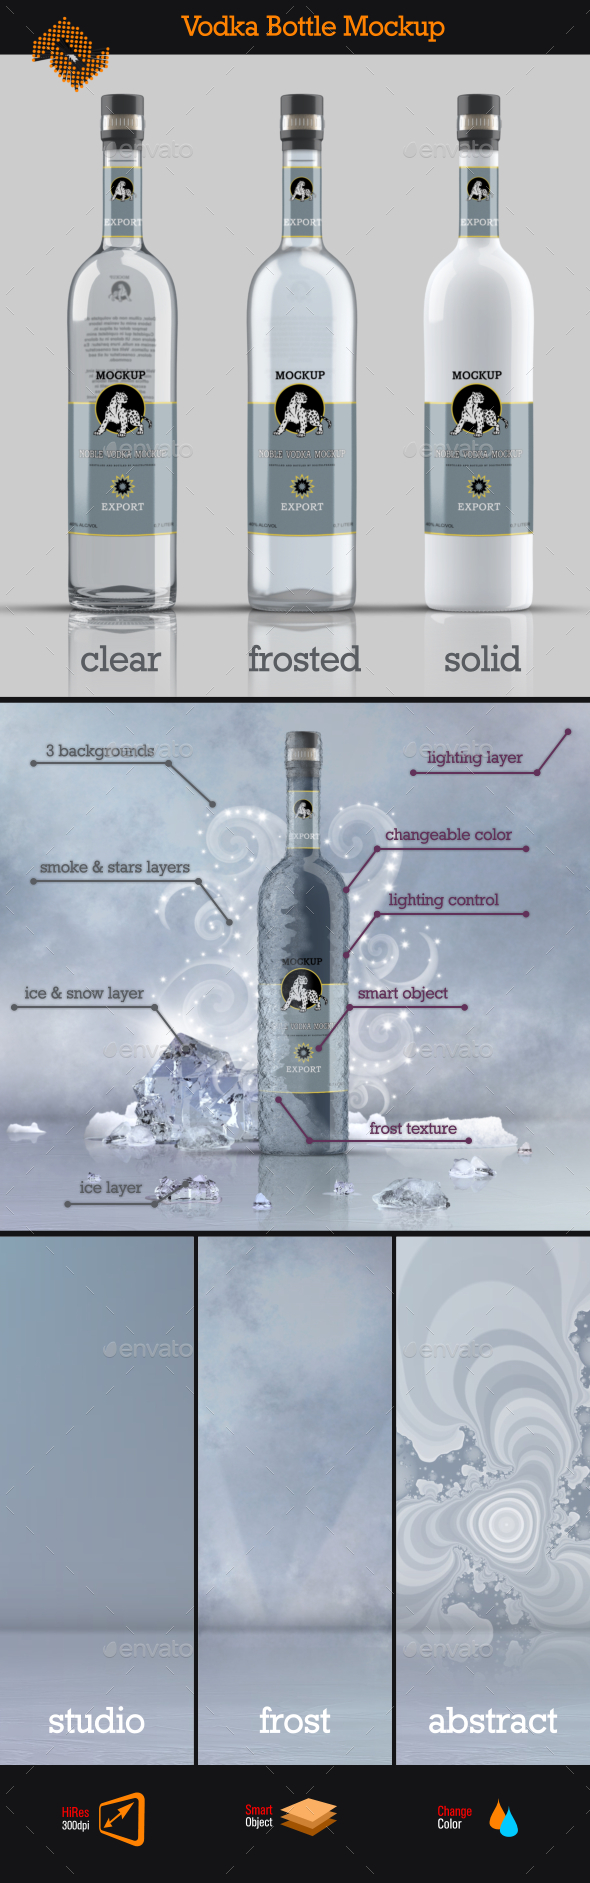 GraphicRiver Vodka Bottle Mockup Vol 4 11868170